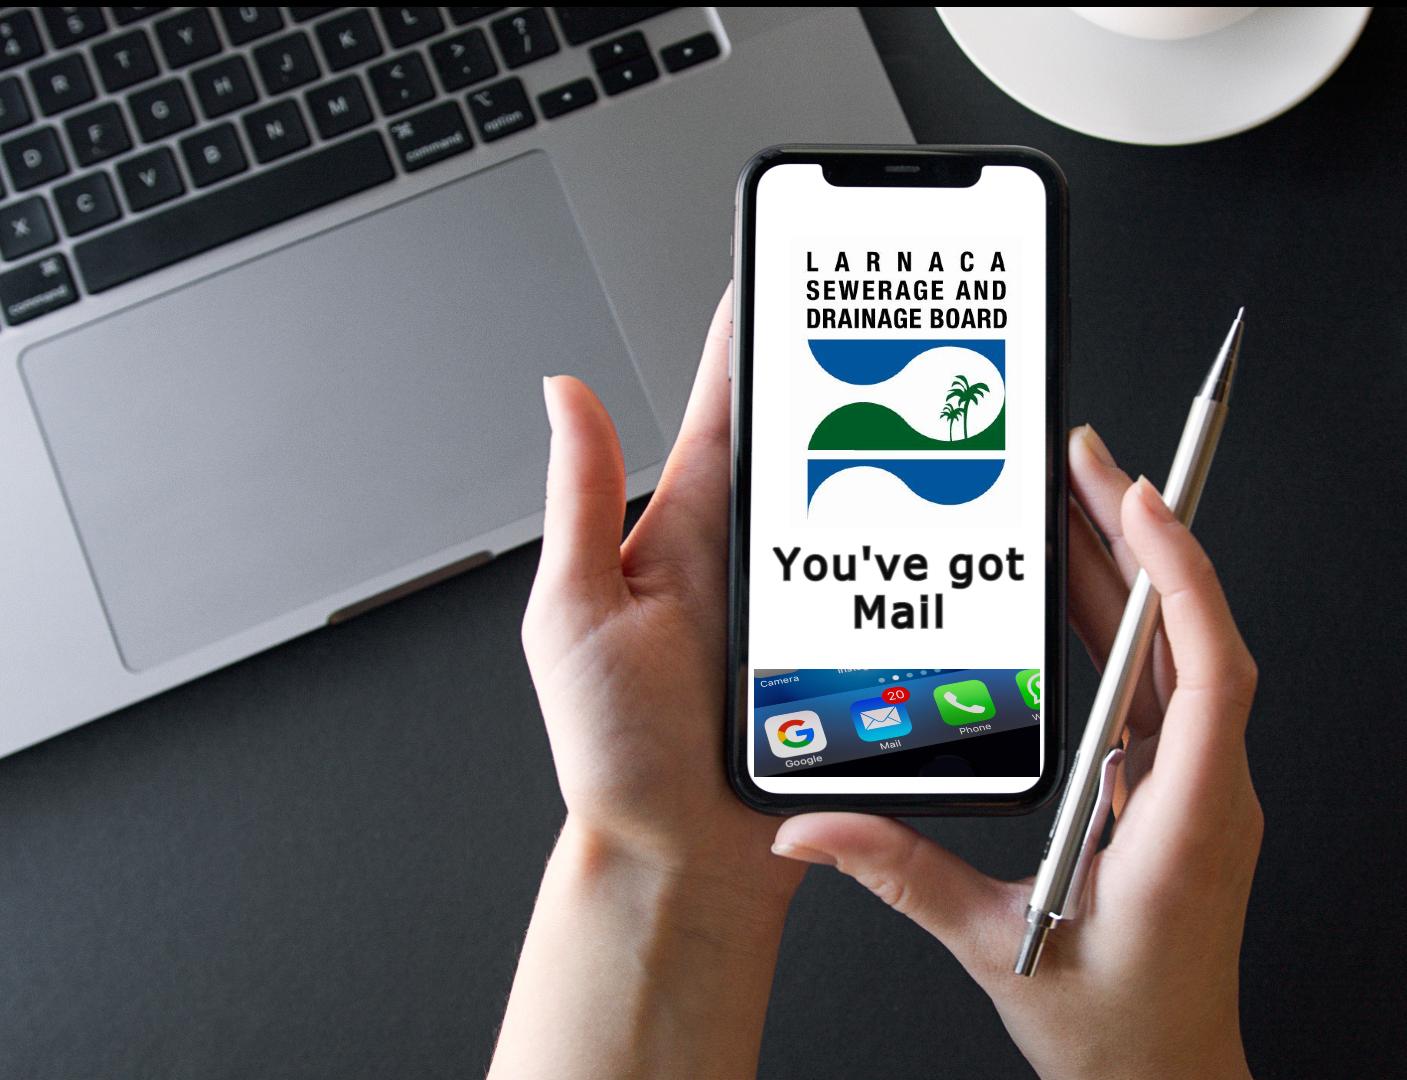 Λάρνακα: Ηλεκτρονική αποστολή λογαριασμών 2ης δόσης αποχετευτικών τελών